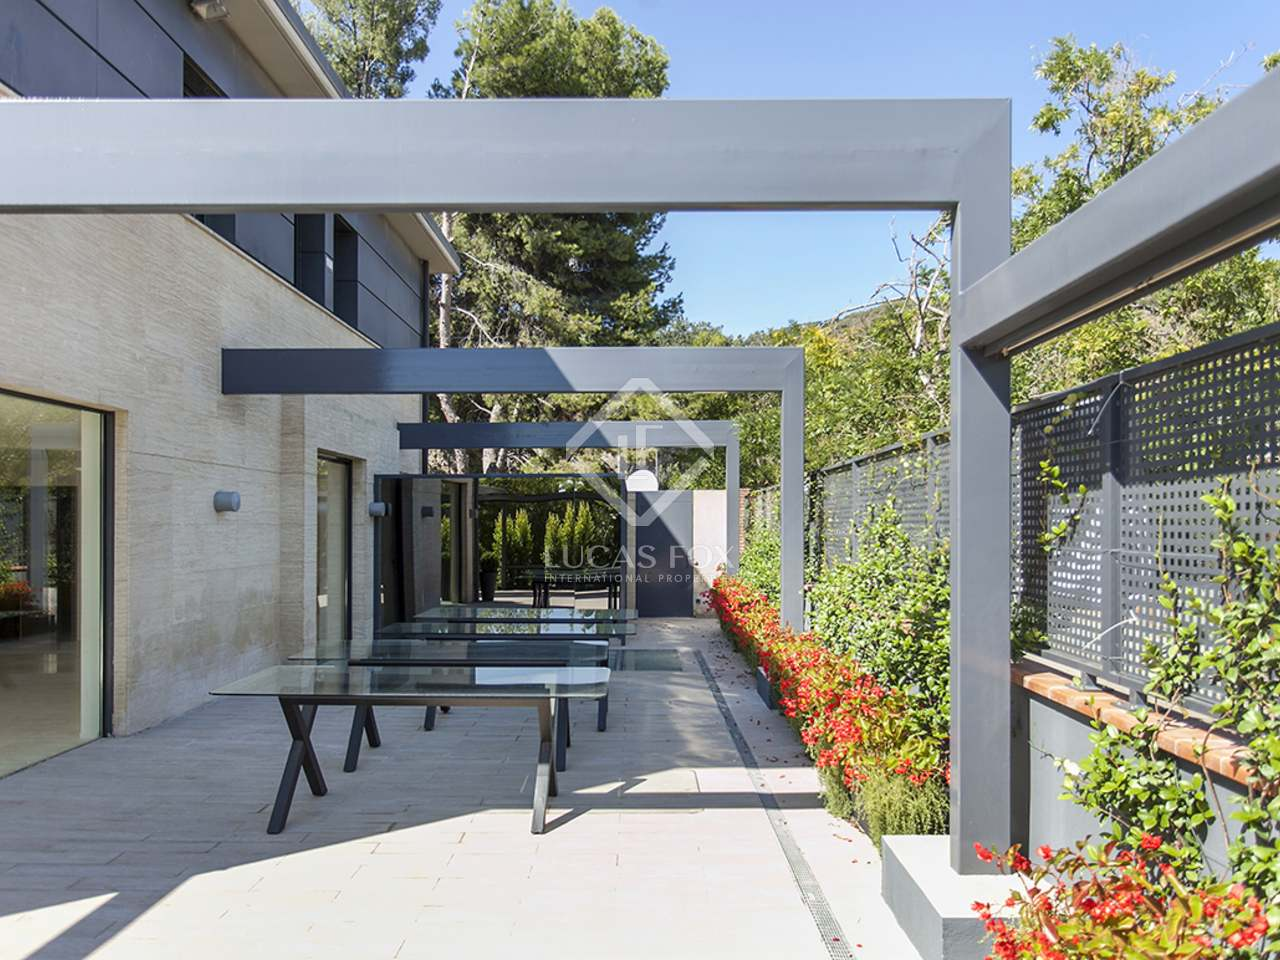 Casa adosada en alquiler en la zona alta de barcelona for Casa con jardin barcelona alquiler